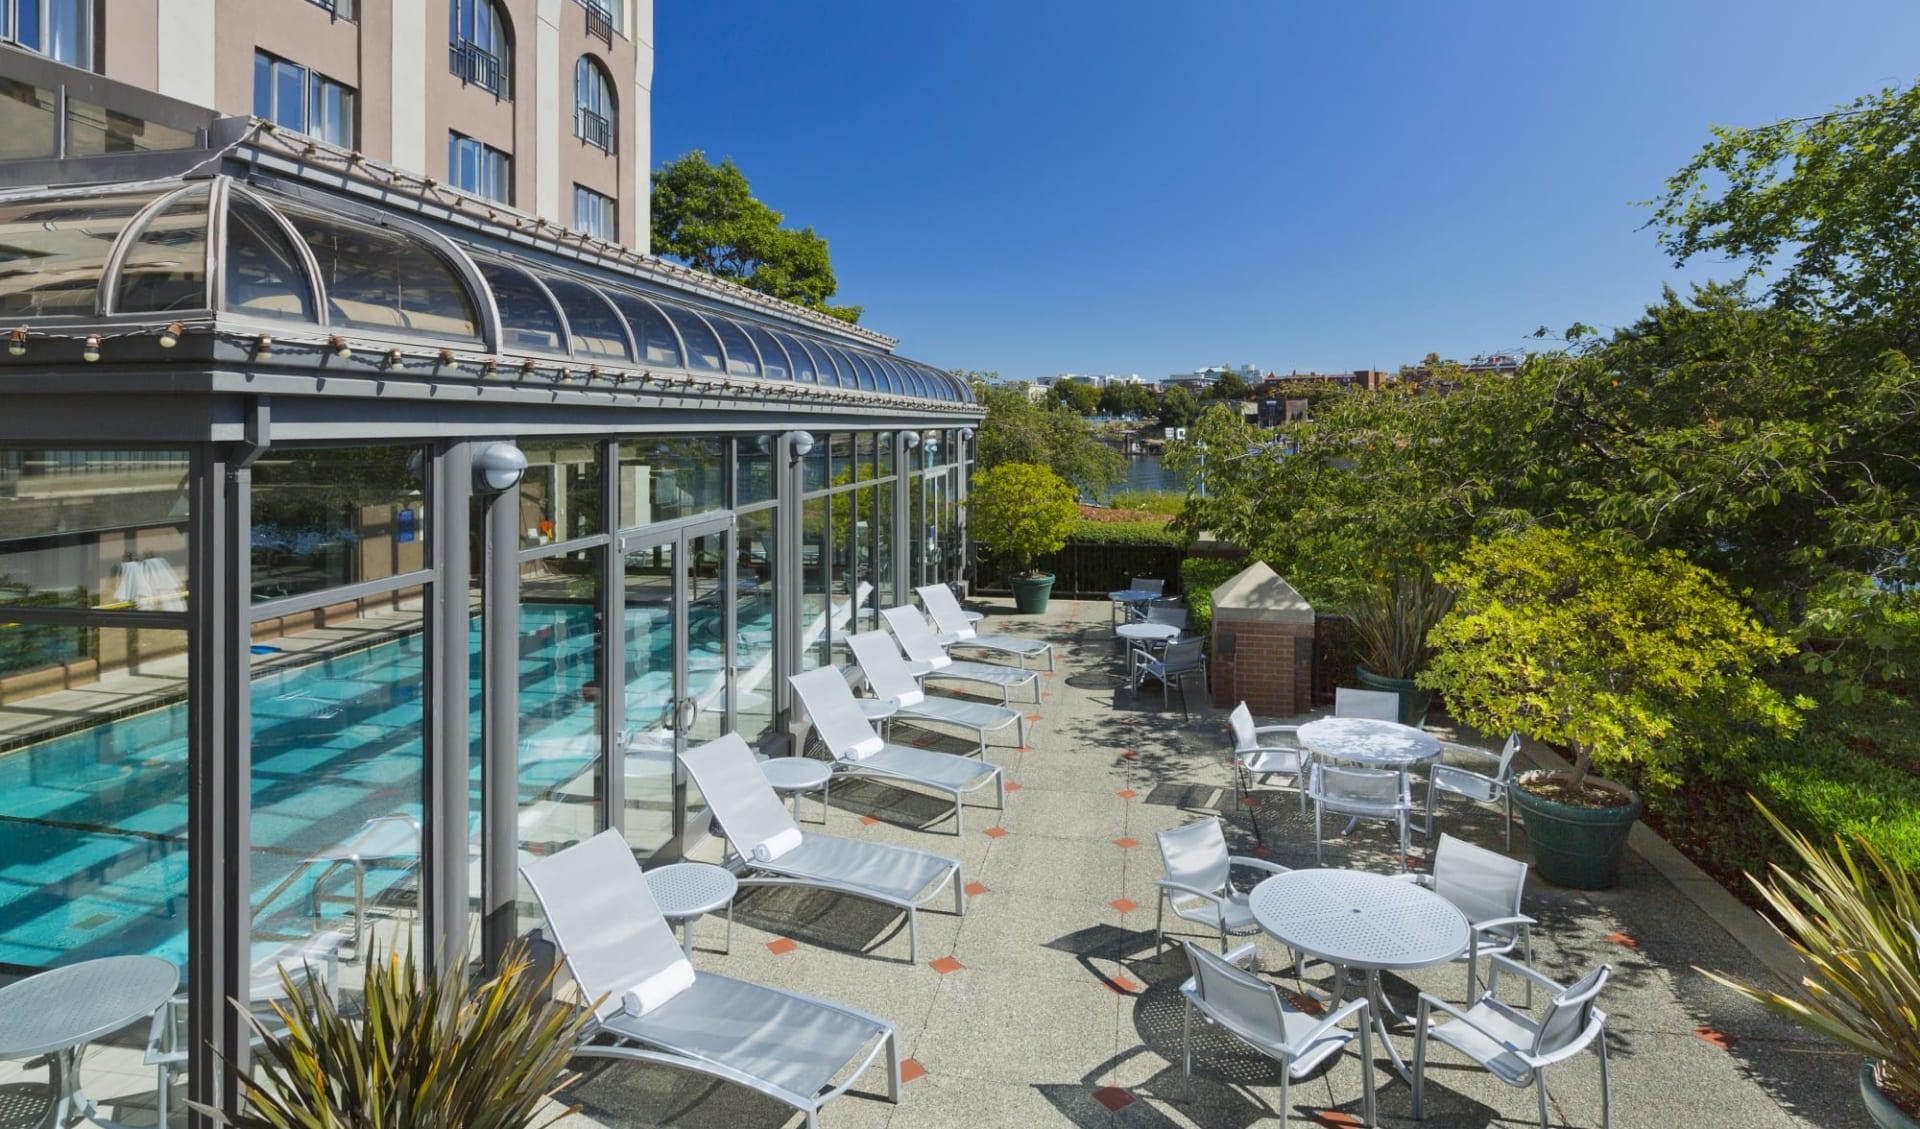 Delta Victoria Ocean Pointe Resort & Spa:  Delta Victoria Ocean Point Resort&Spa_PoolPatio